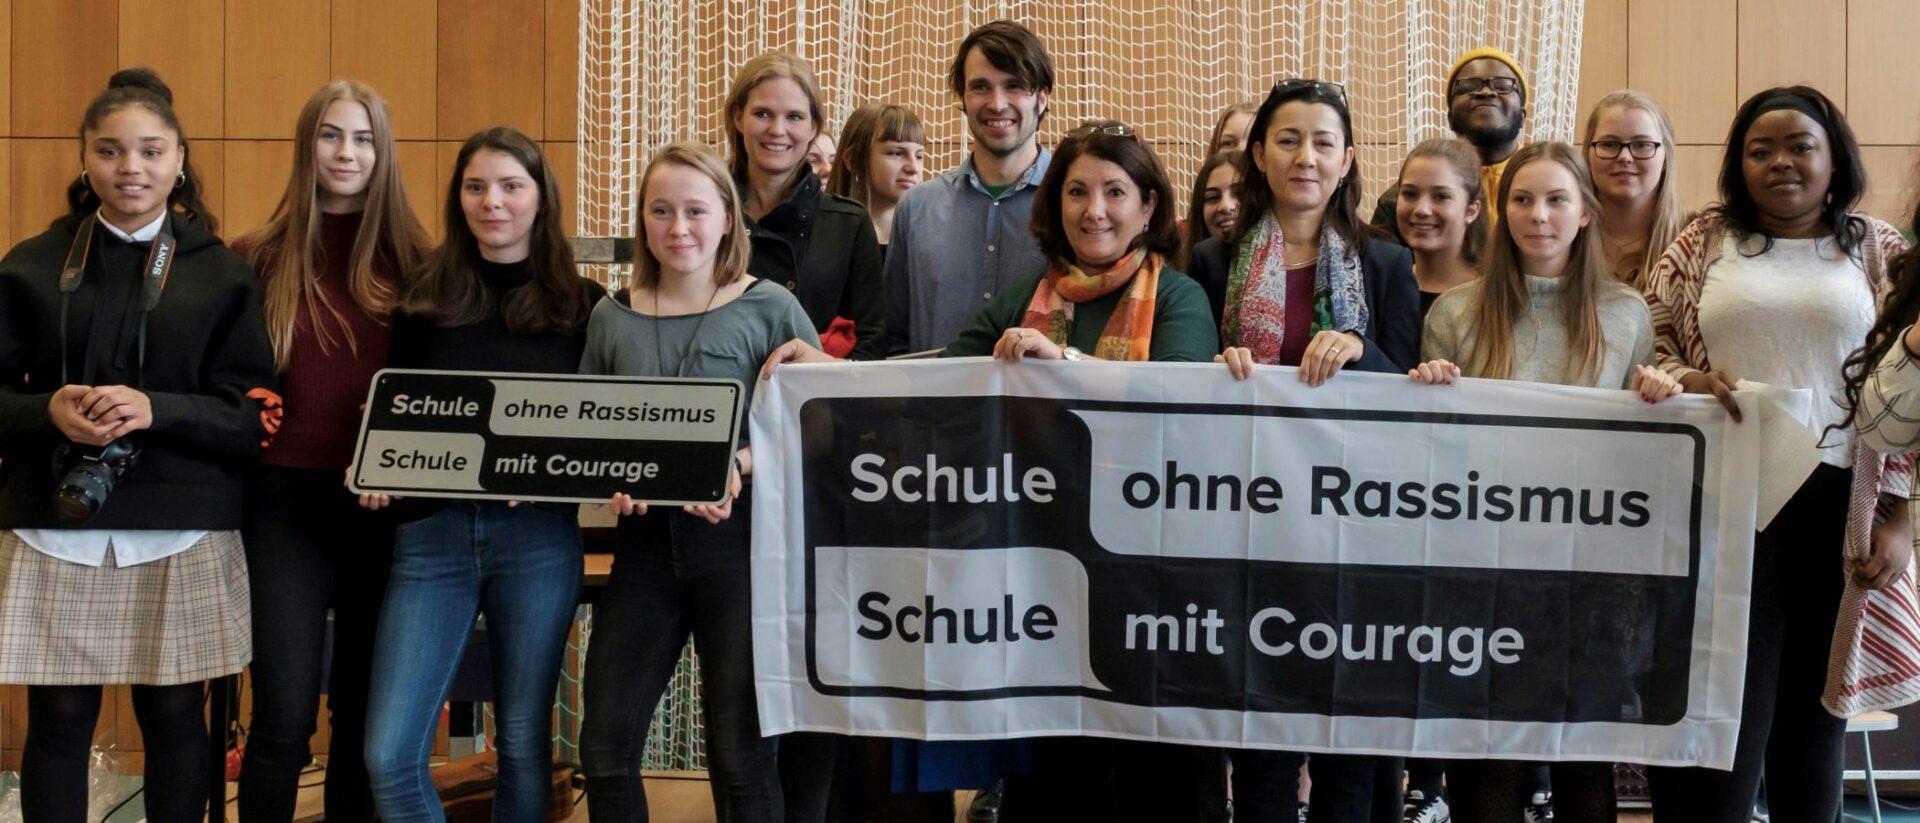 SchülerInnen feiern die Titelverleihung Schule ohne Rassismus - Schule mit Courage